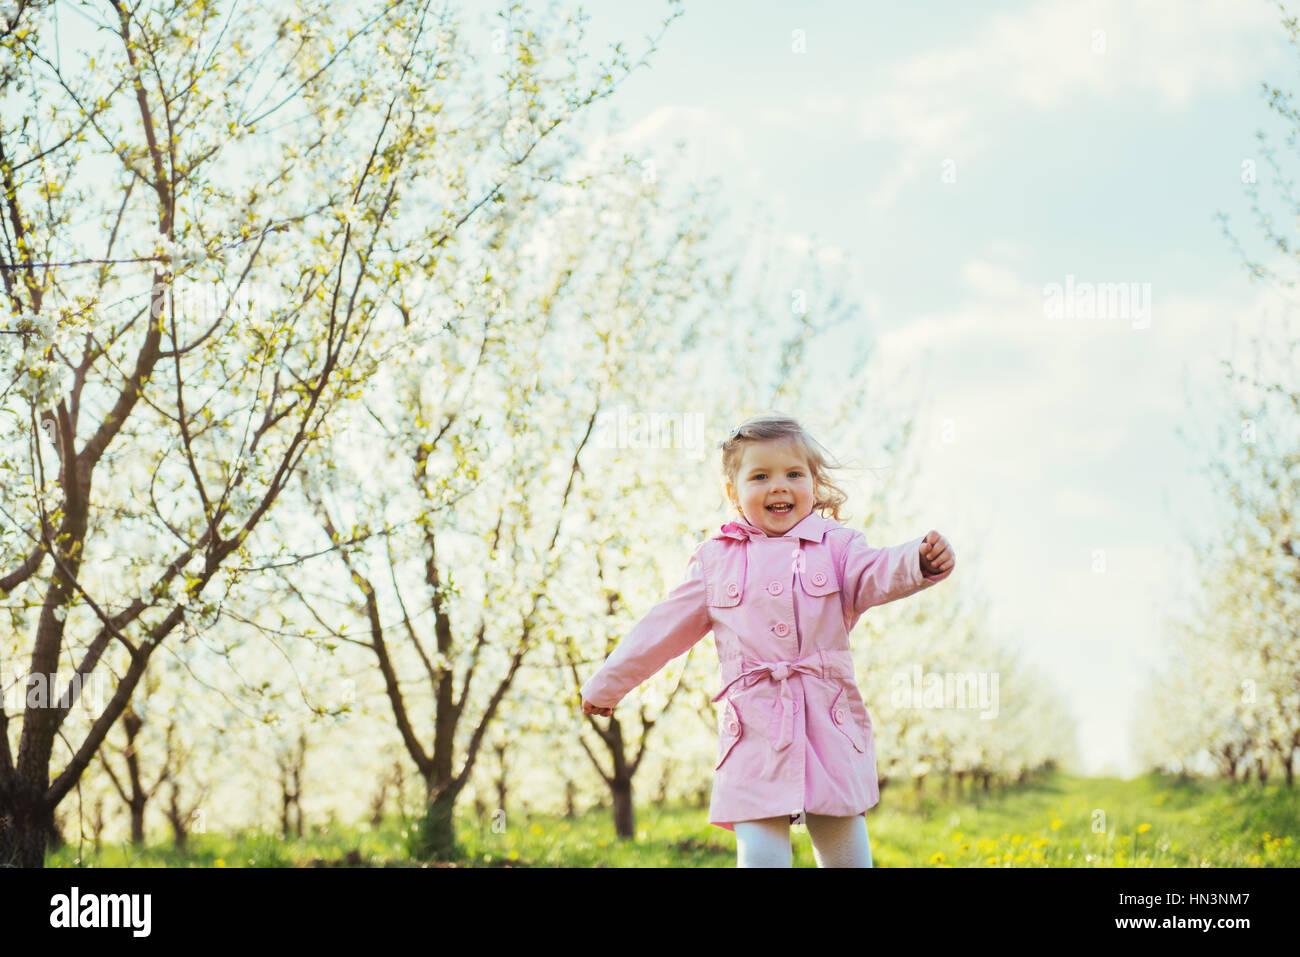 L'exécution de l'enfant en plein air arbres fleuris. Traitement de l'art et de retouche Photo Stock